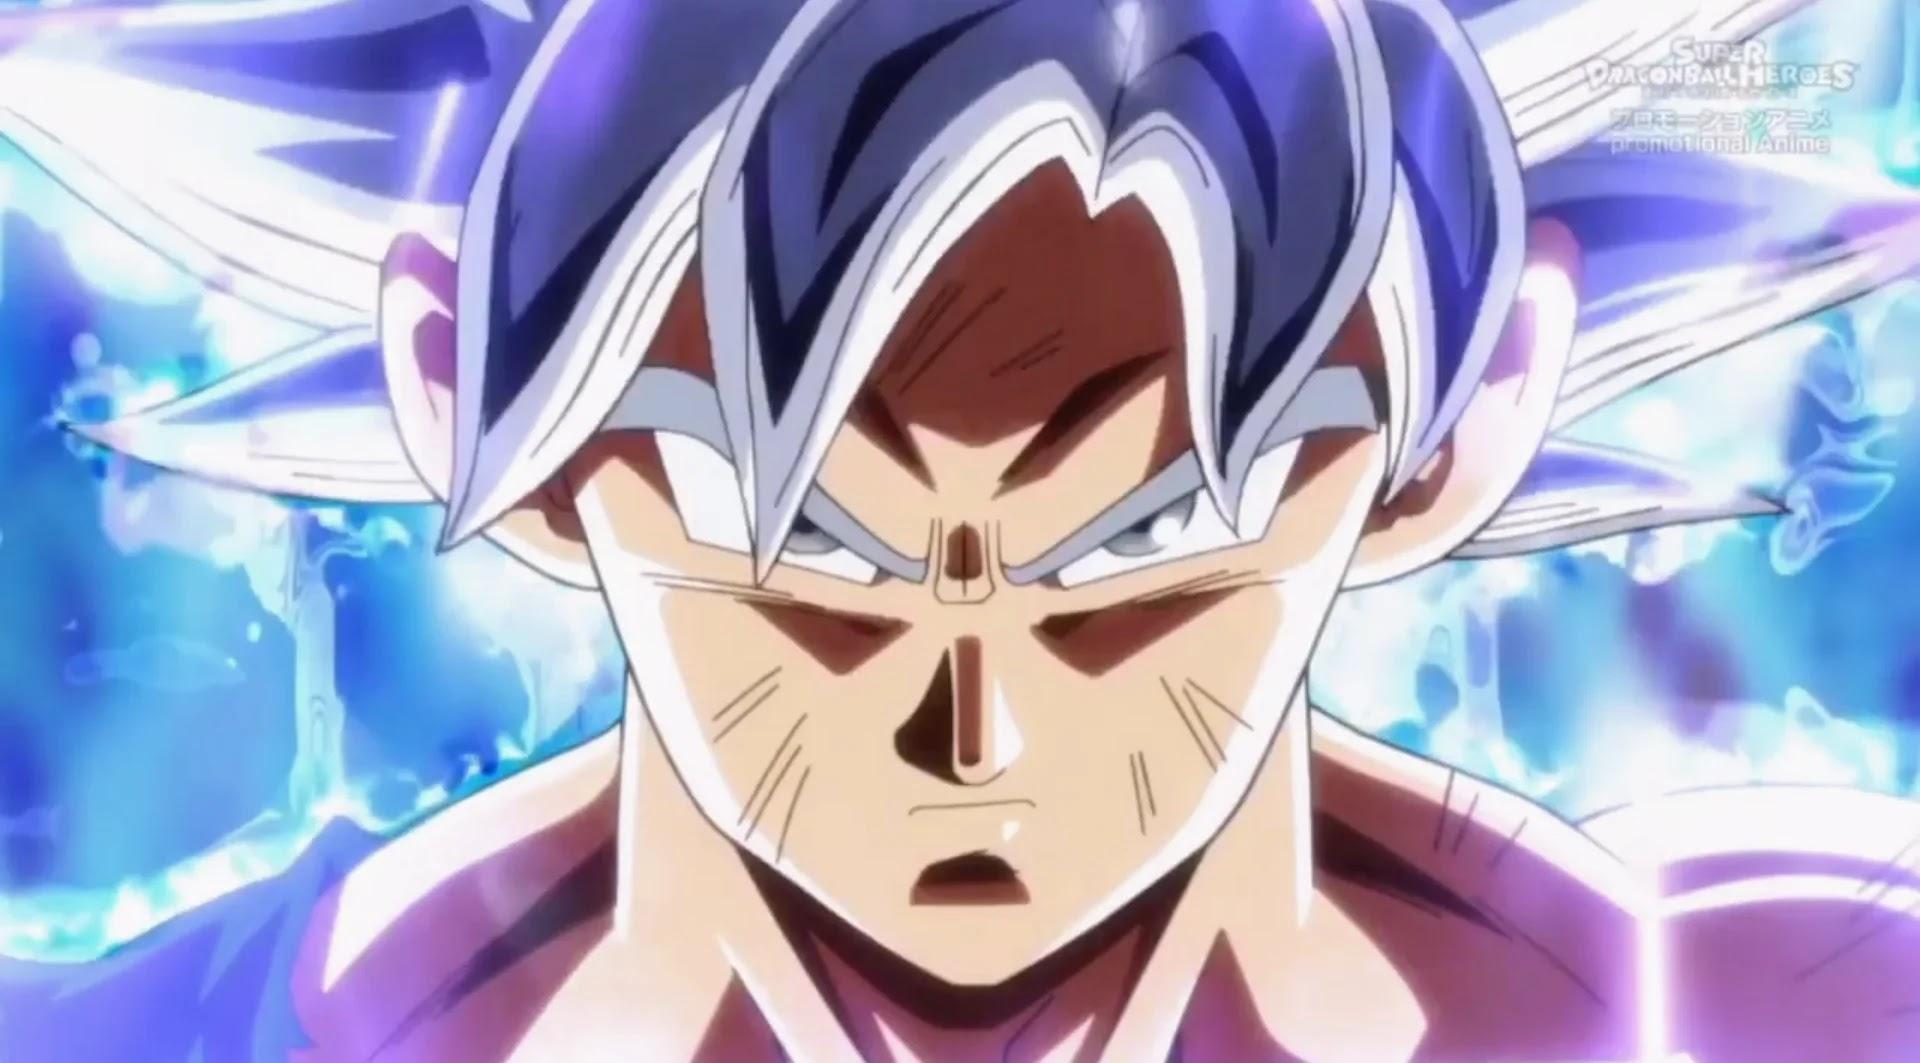 Fã de Dragon Ball Super Cria Animação de Luta entre Goku vs. Vegeta